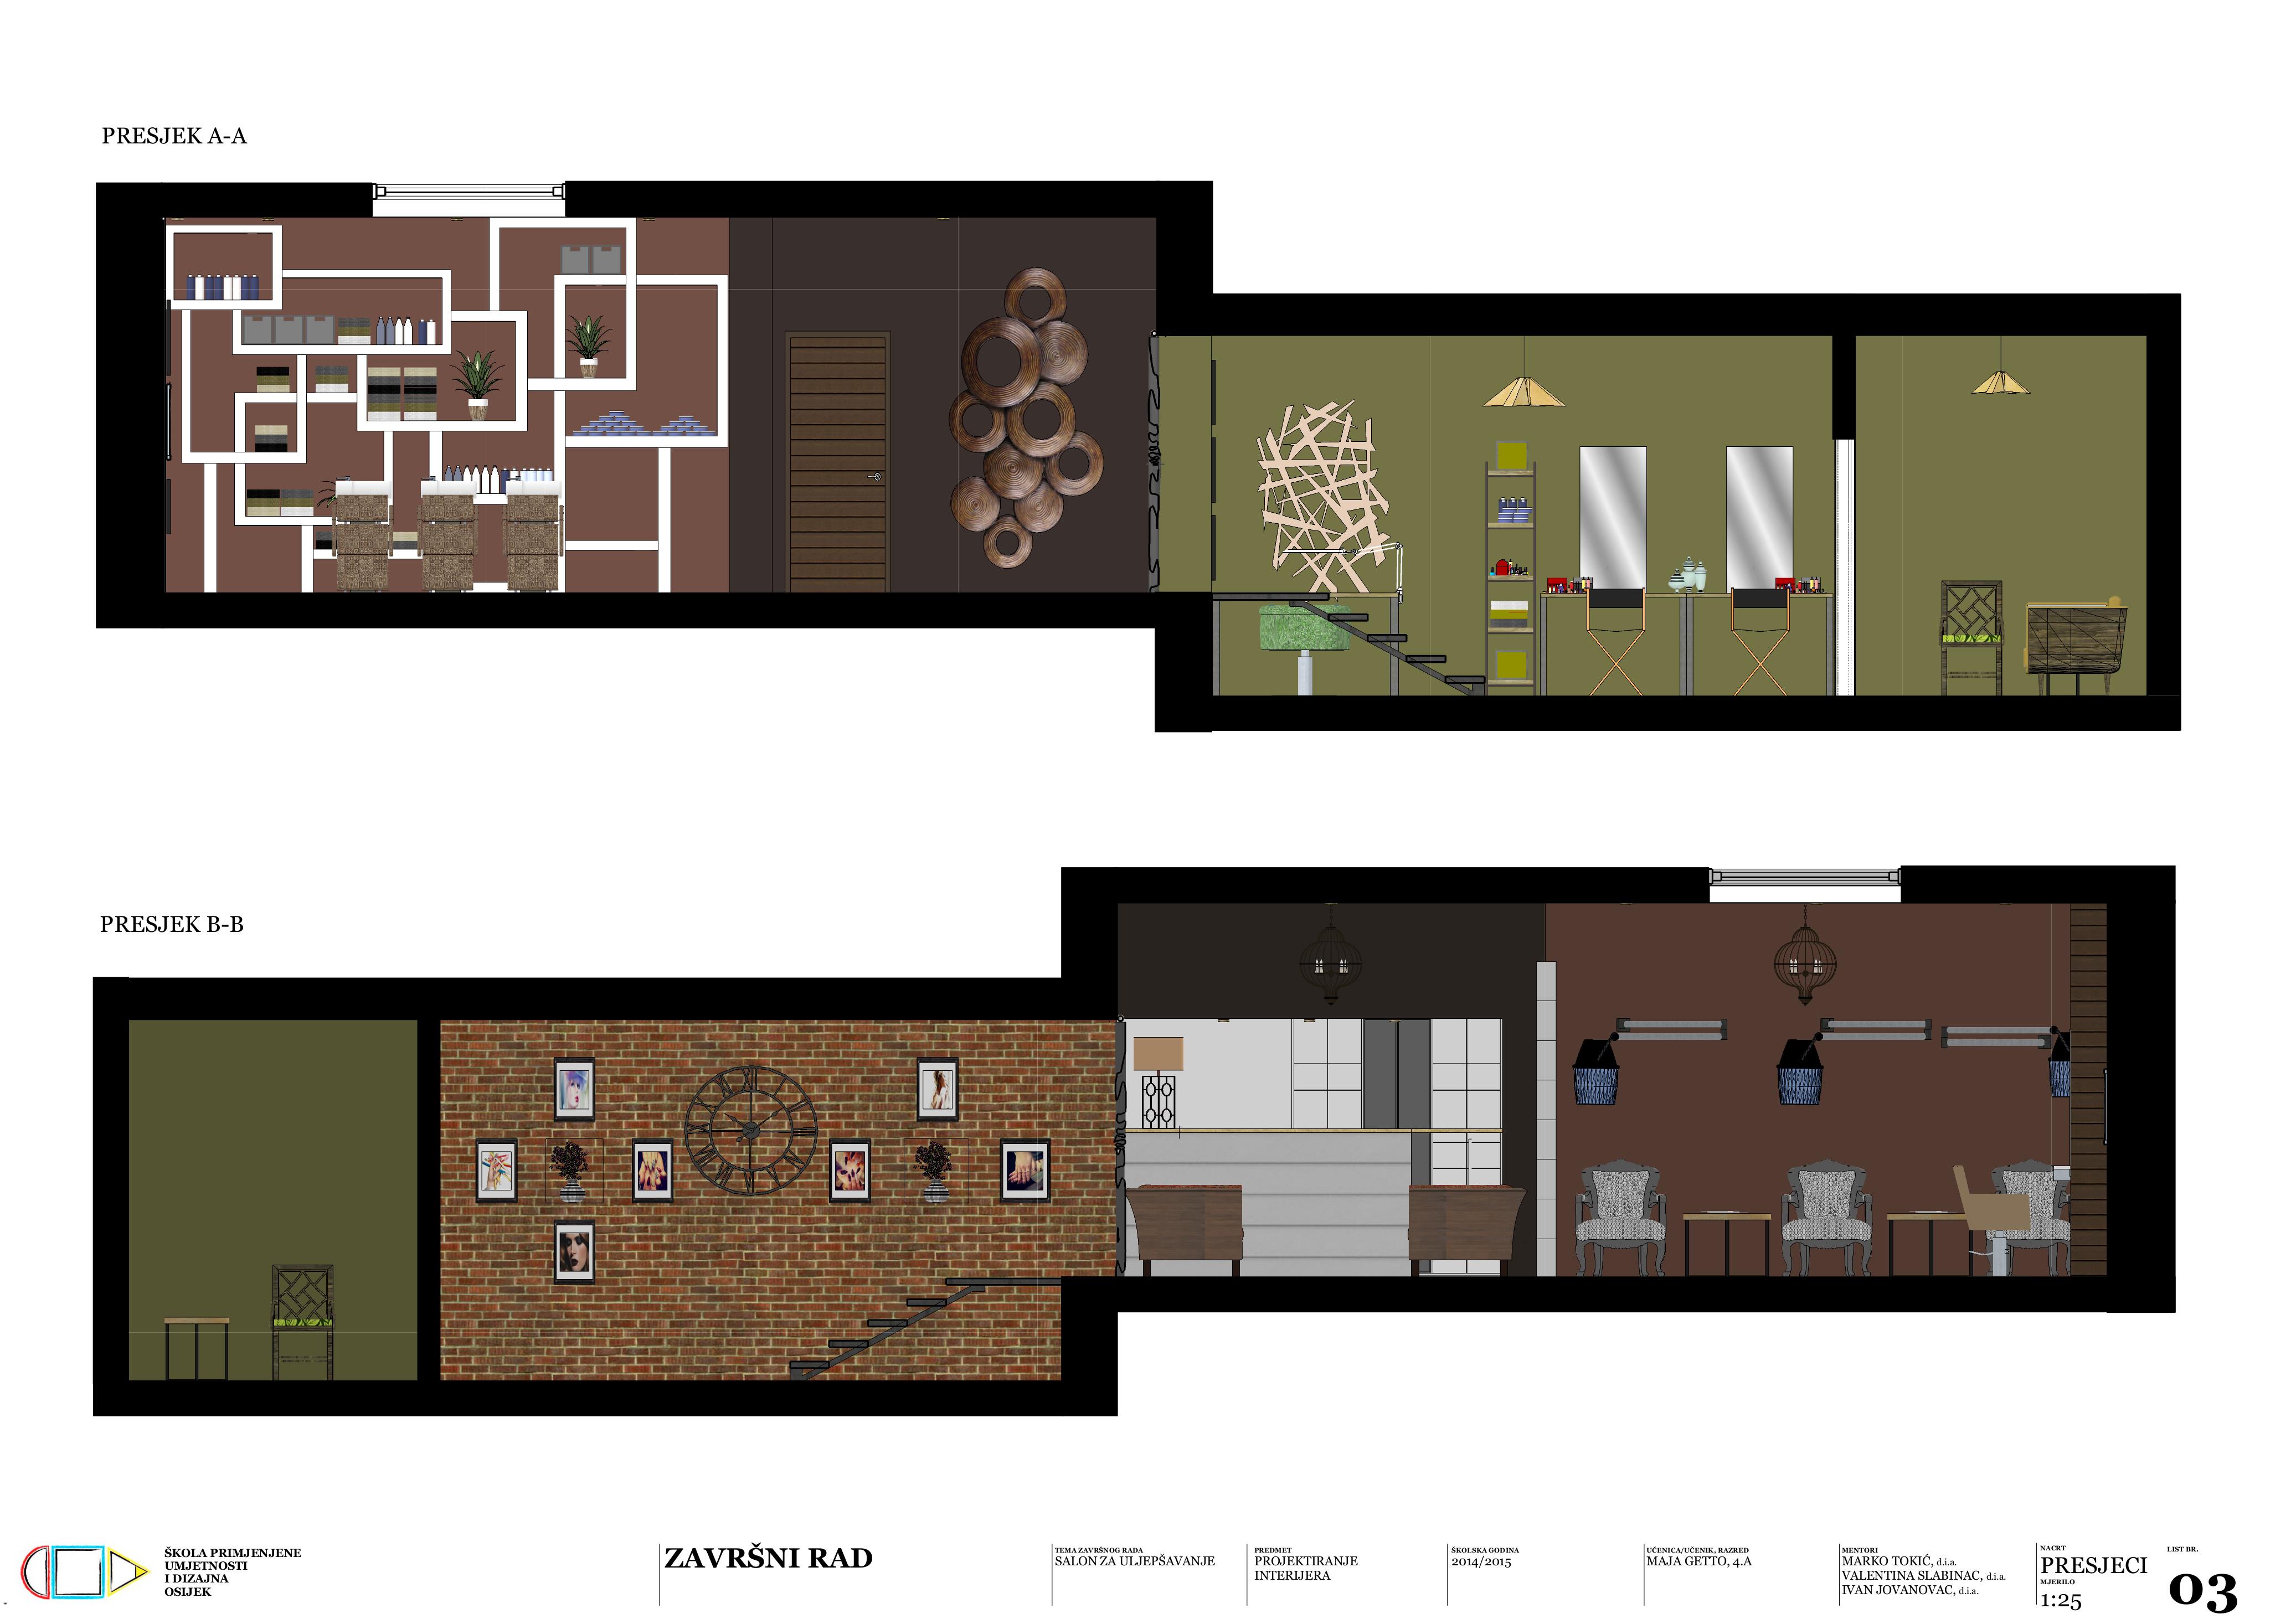 Dizajn interijera : Presjeci A-A i B-B